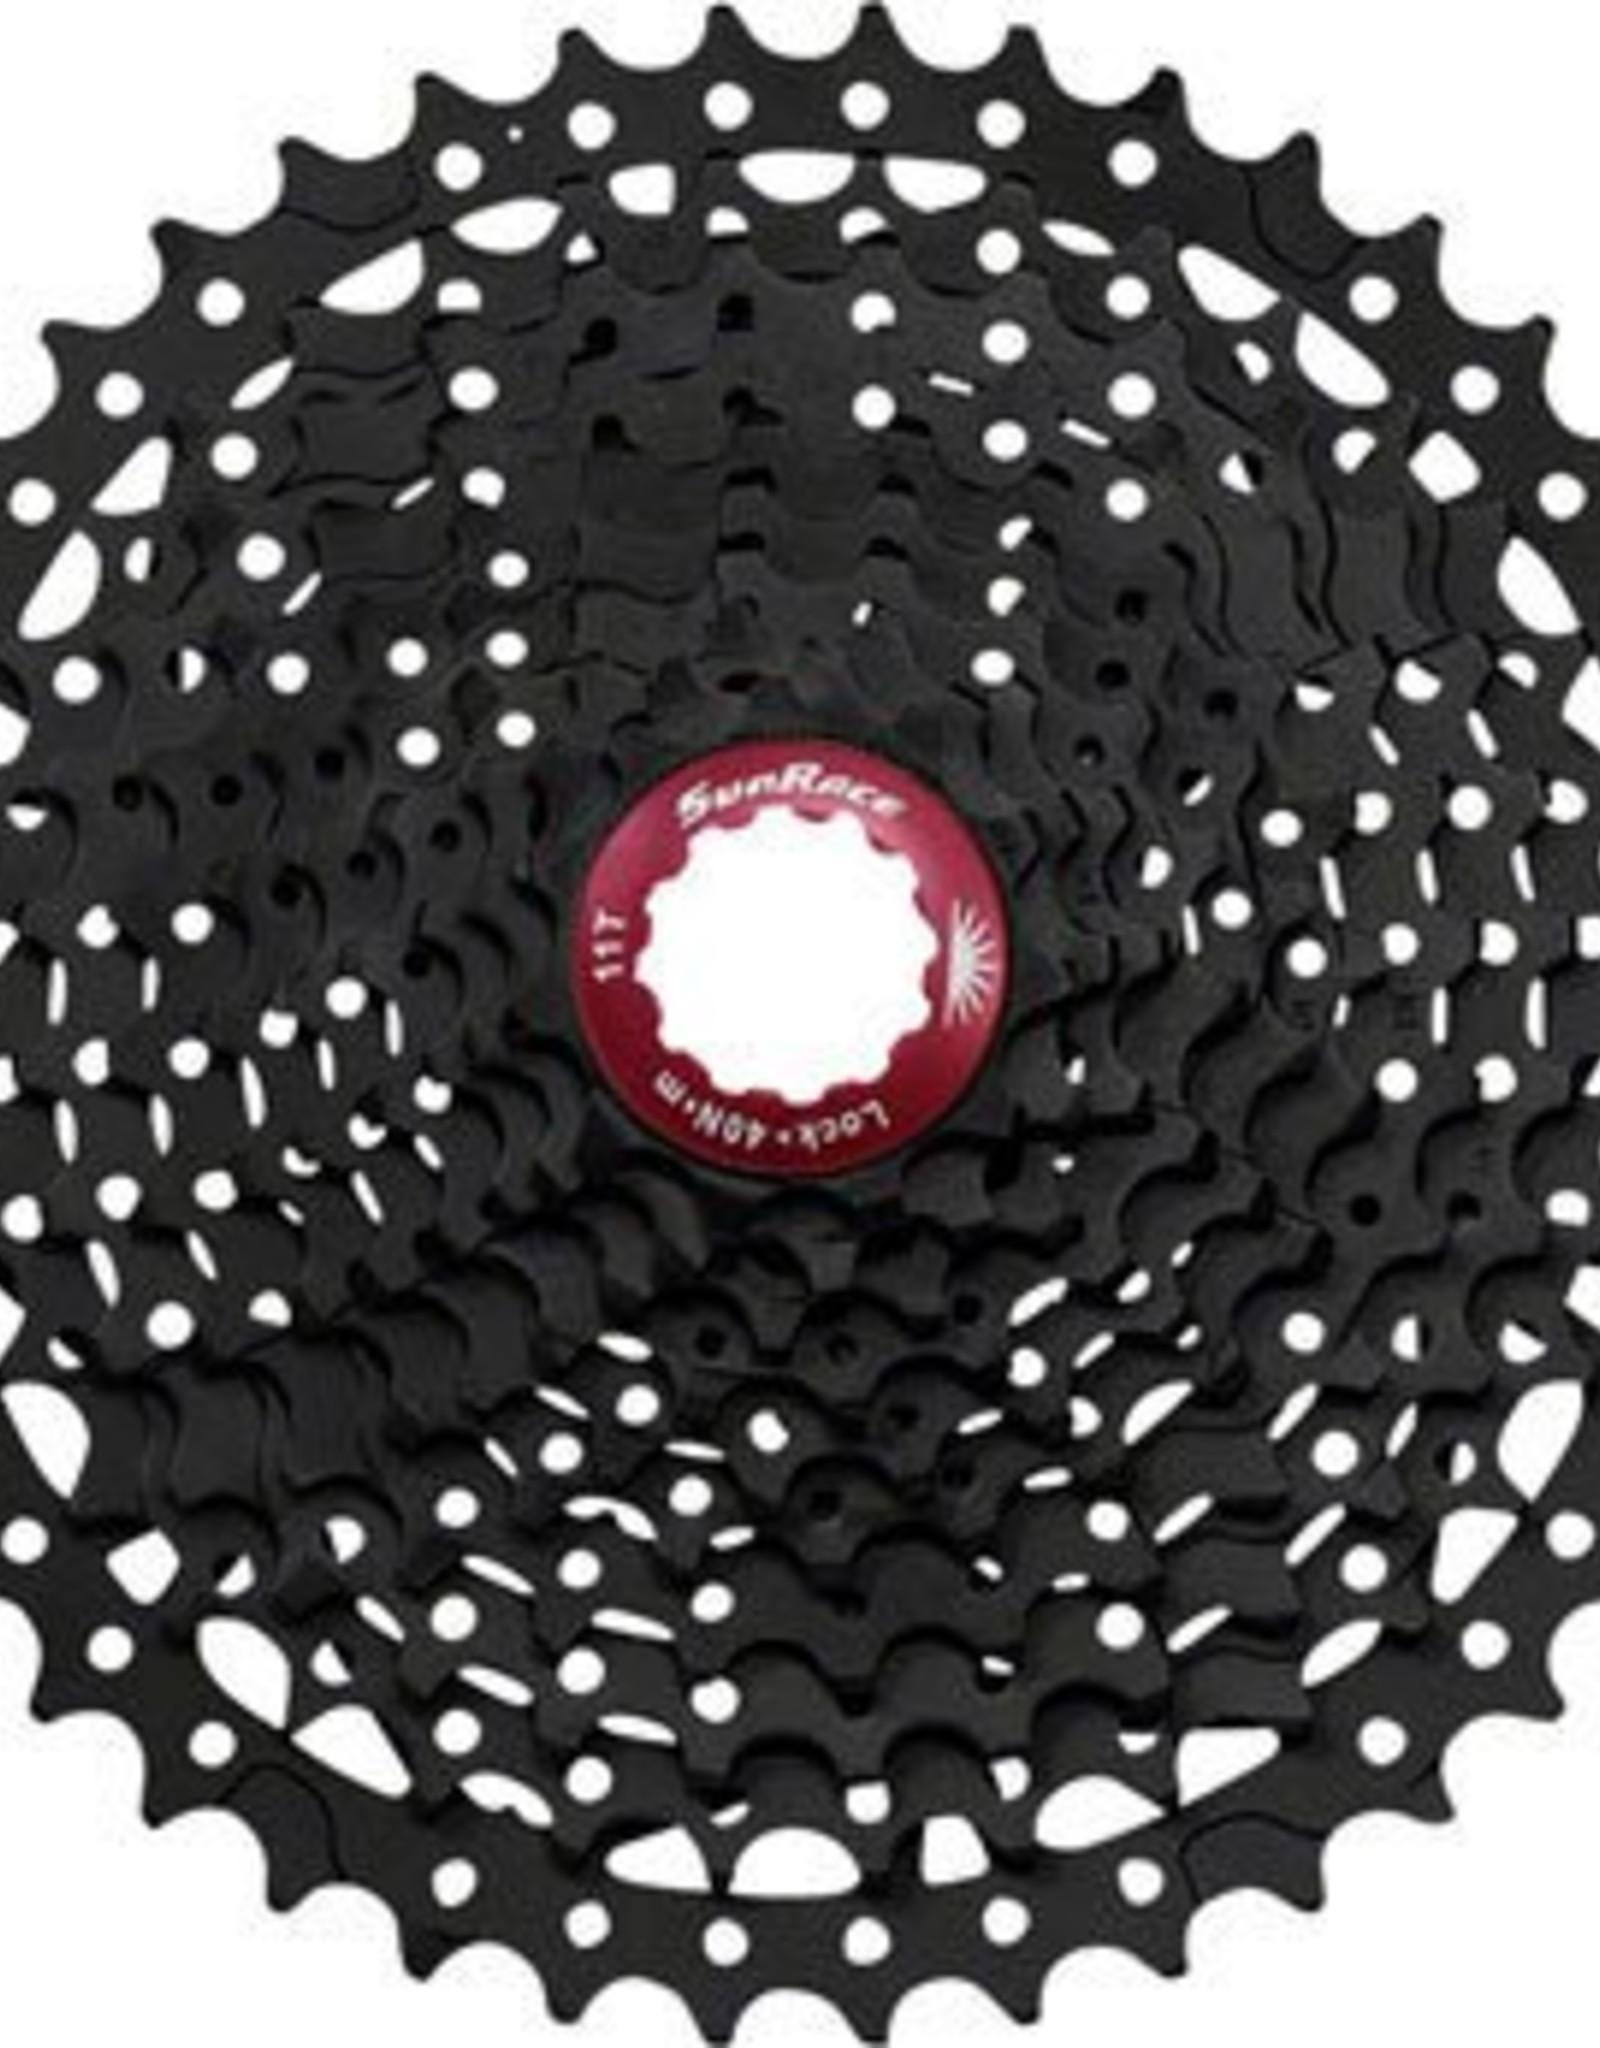 Sun Race SunRace MX3 10-Speed 11-42T Cassette